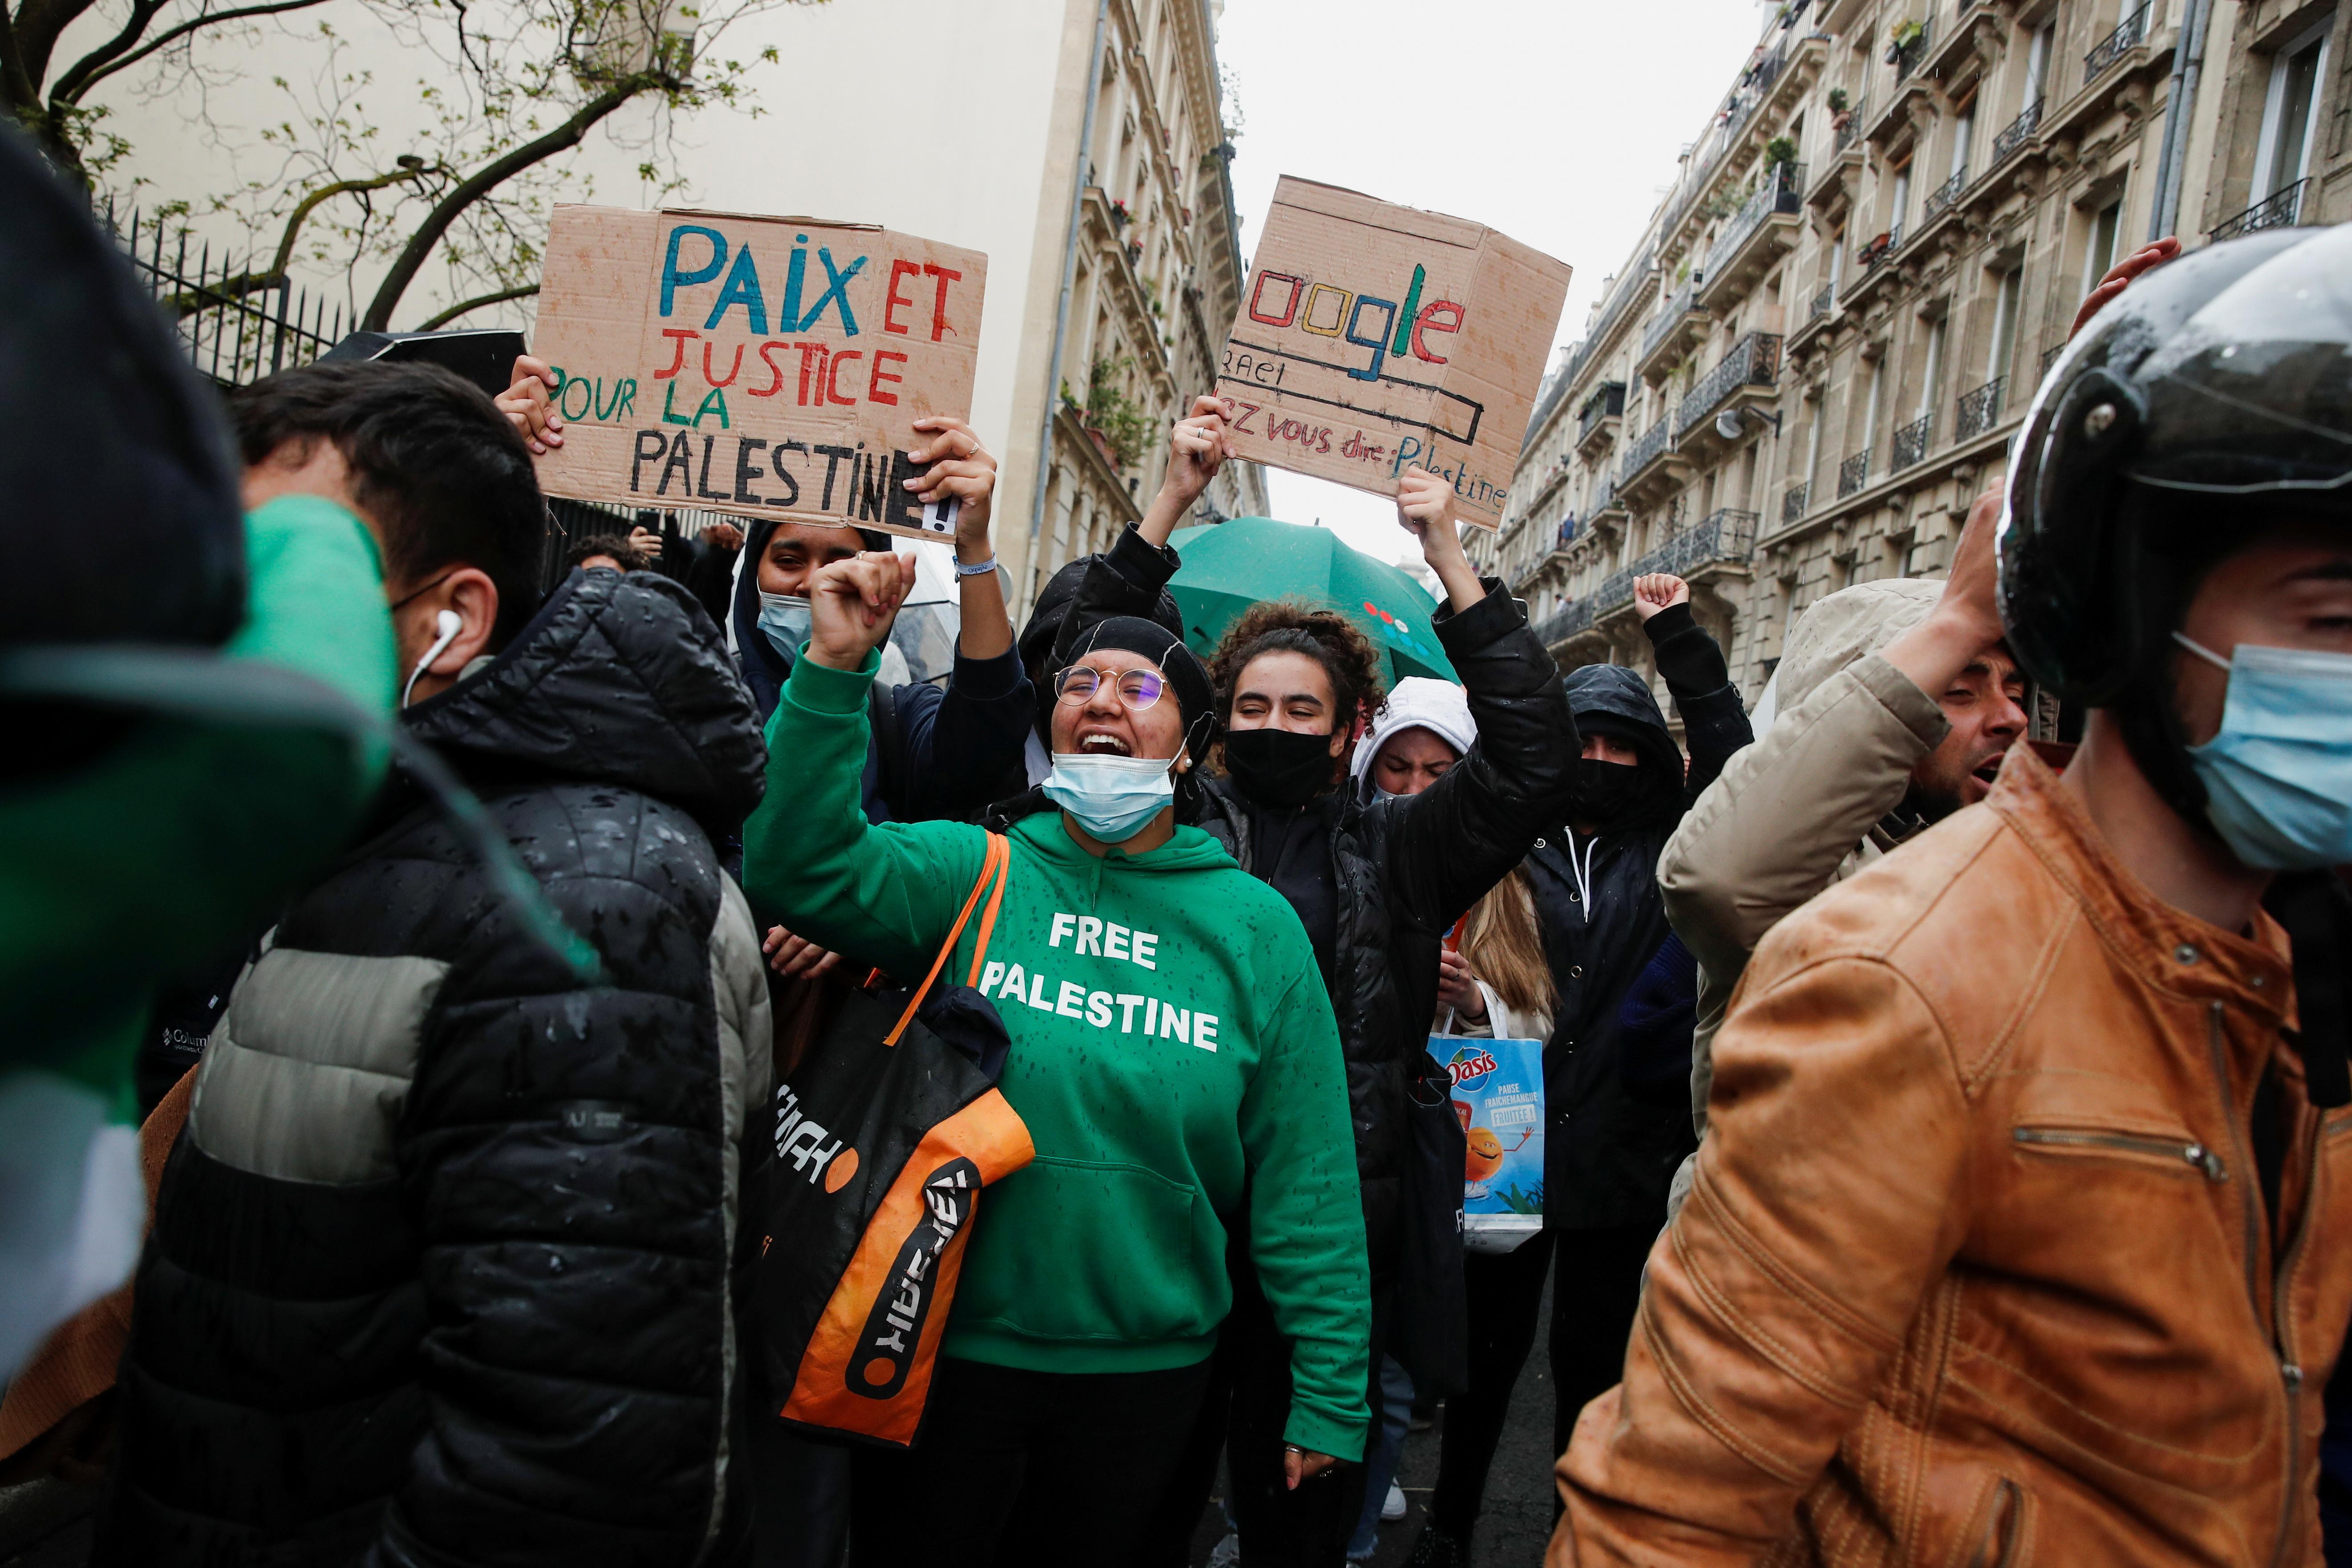 15 წლის 2021 მაისს, პარიზში, საფრანგეთში, პარიზში, ისრაელ-პალესტინელთა ძალადობის გამო, პალესტინალების მხარდასაჭერად გამართულ საპროტესტო აქციაზე პალესტინის მხარდამჭერ საპროტესტო აქცენტს ატარებს პიროვნება. REUTERS / Benoit Tessier